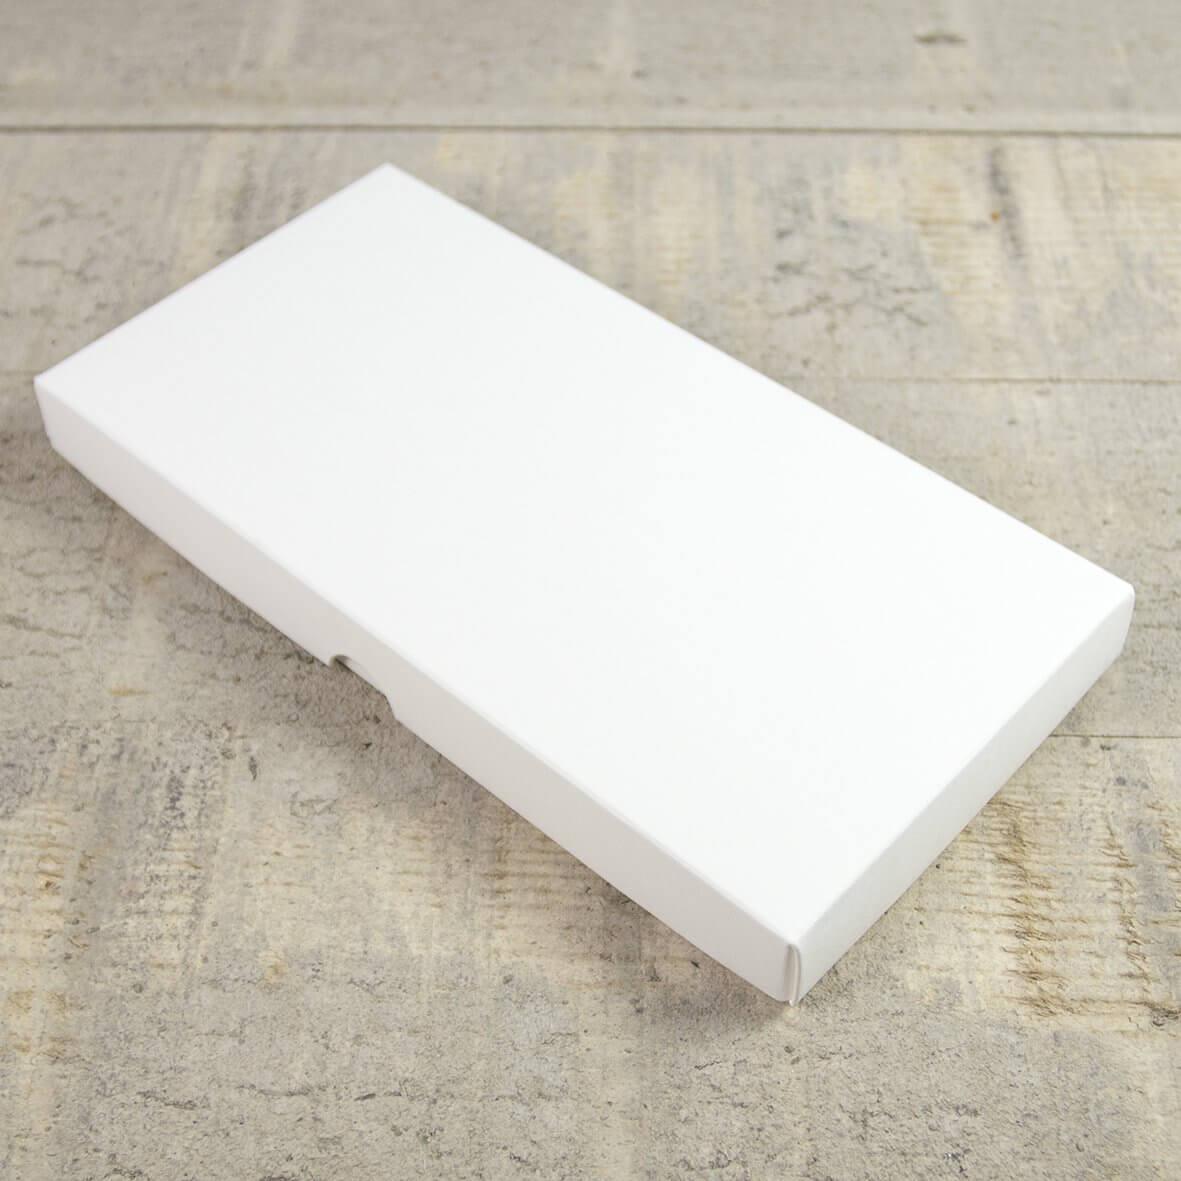 DL White (Wire) Presentation Box